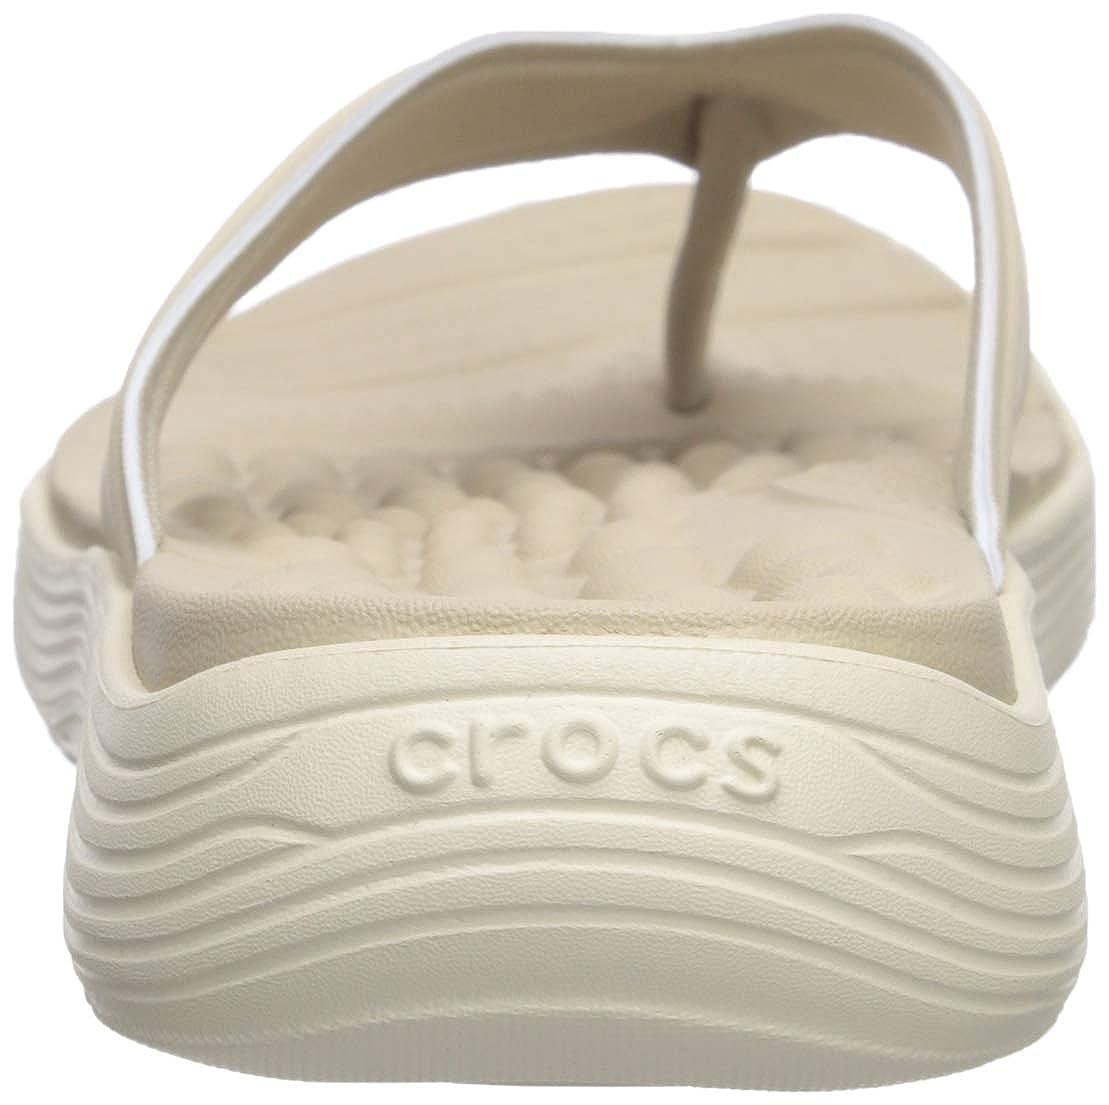 Crocs Womens Reviva Flip Flop